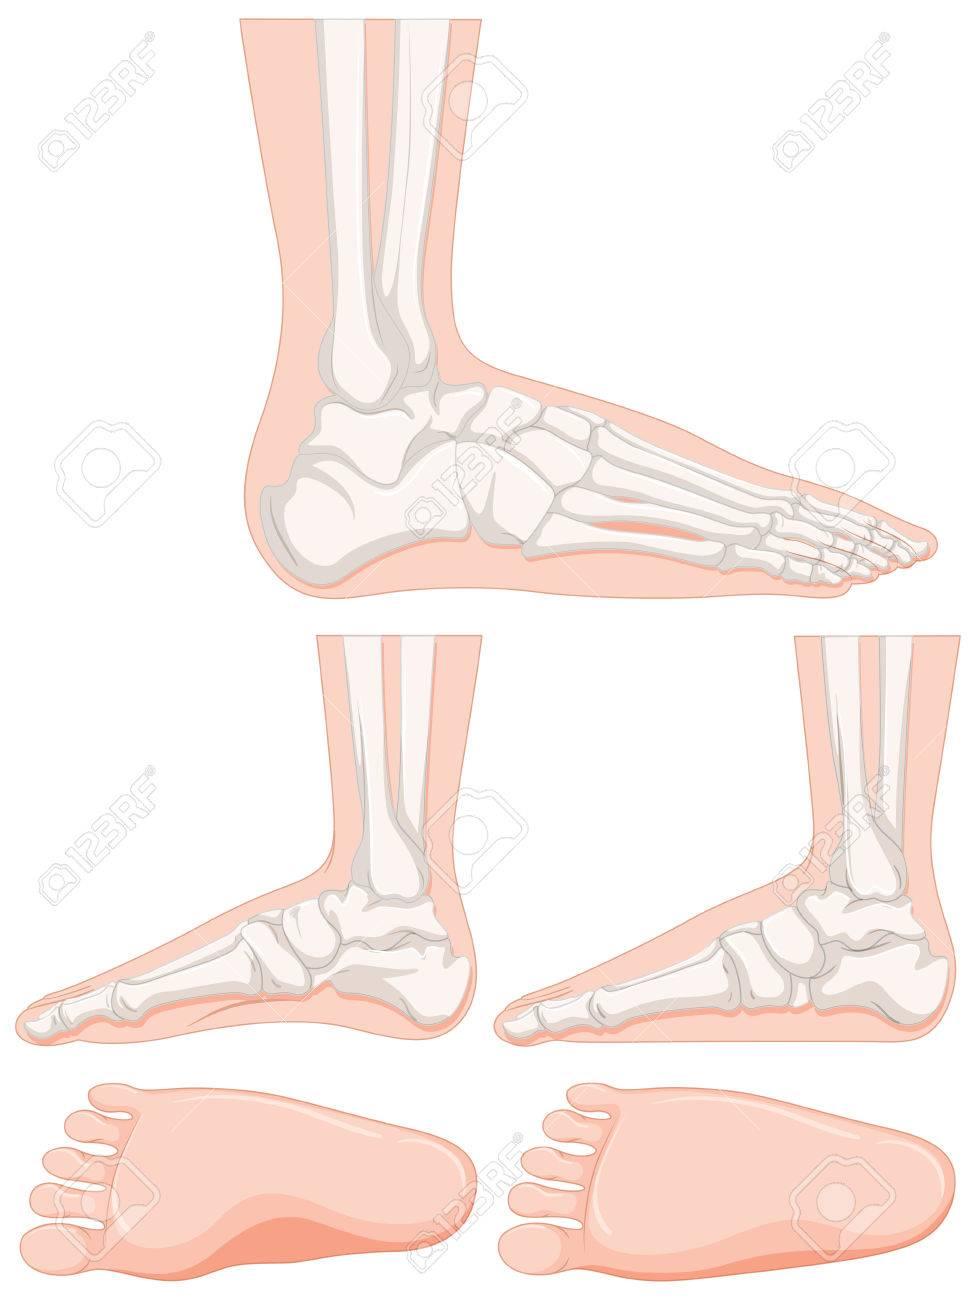 Charmant Knochen Des Knöchels Und Des Fußes Fotos - Anatomie Ideen ...